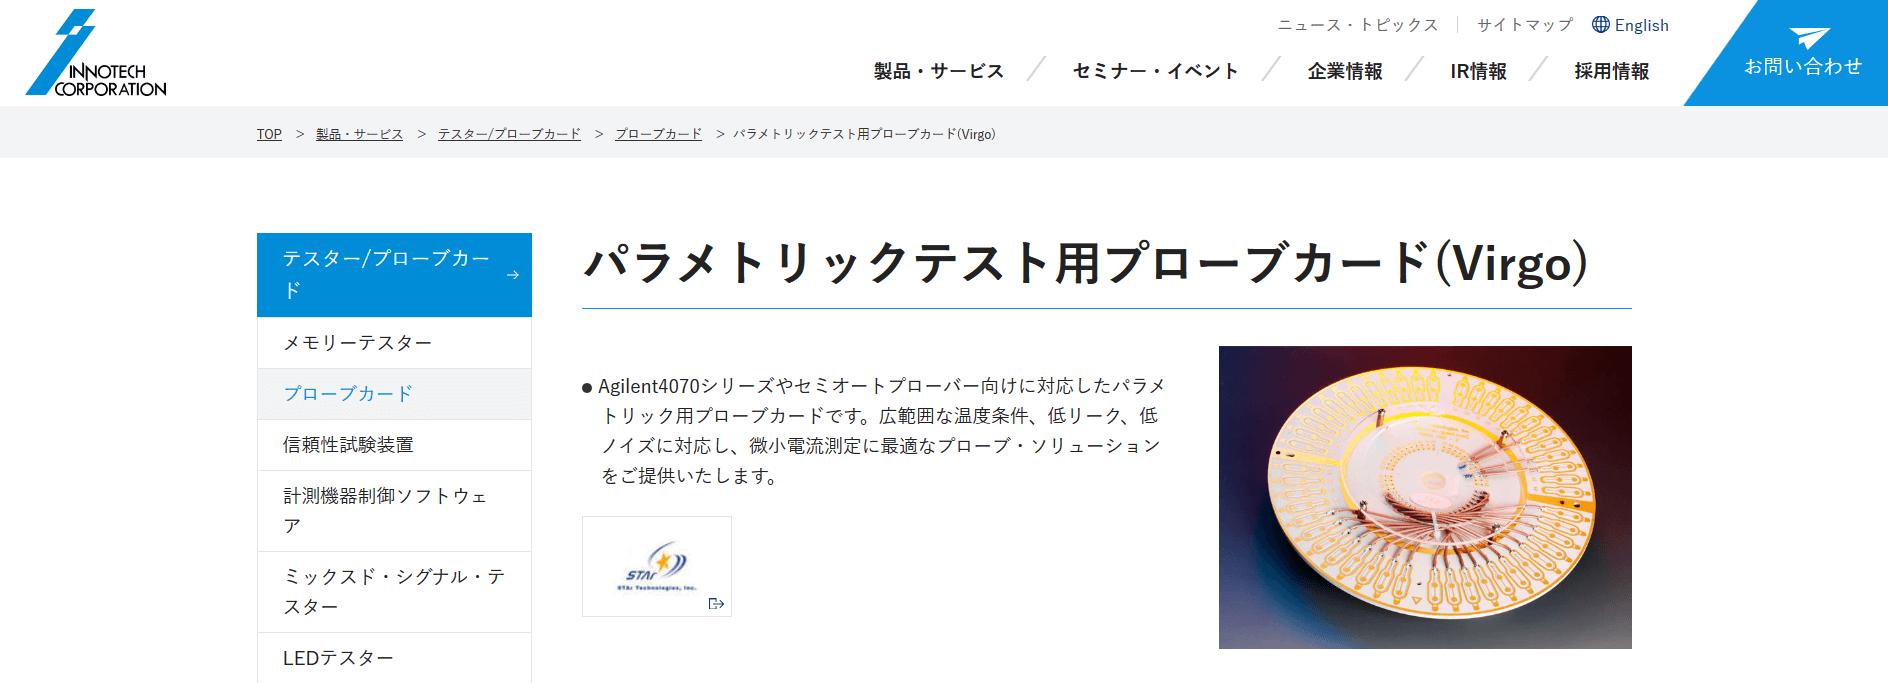 パラメトリックテスト用プローブカード(Virgo)